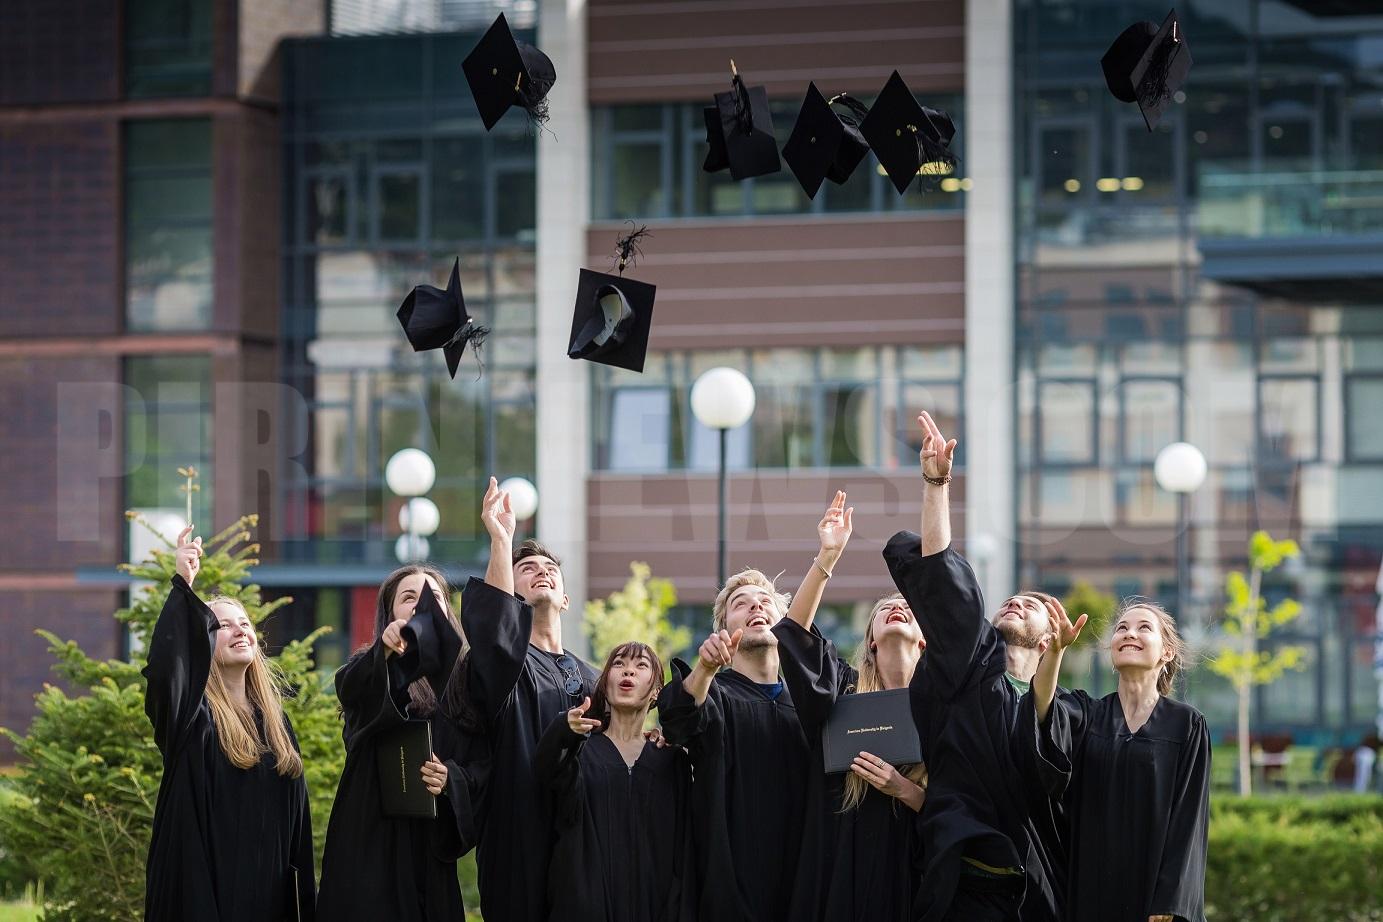 Външният министър Екатерина Захариева ще бъде гост на дипломирането на студенти от Американския университет